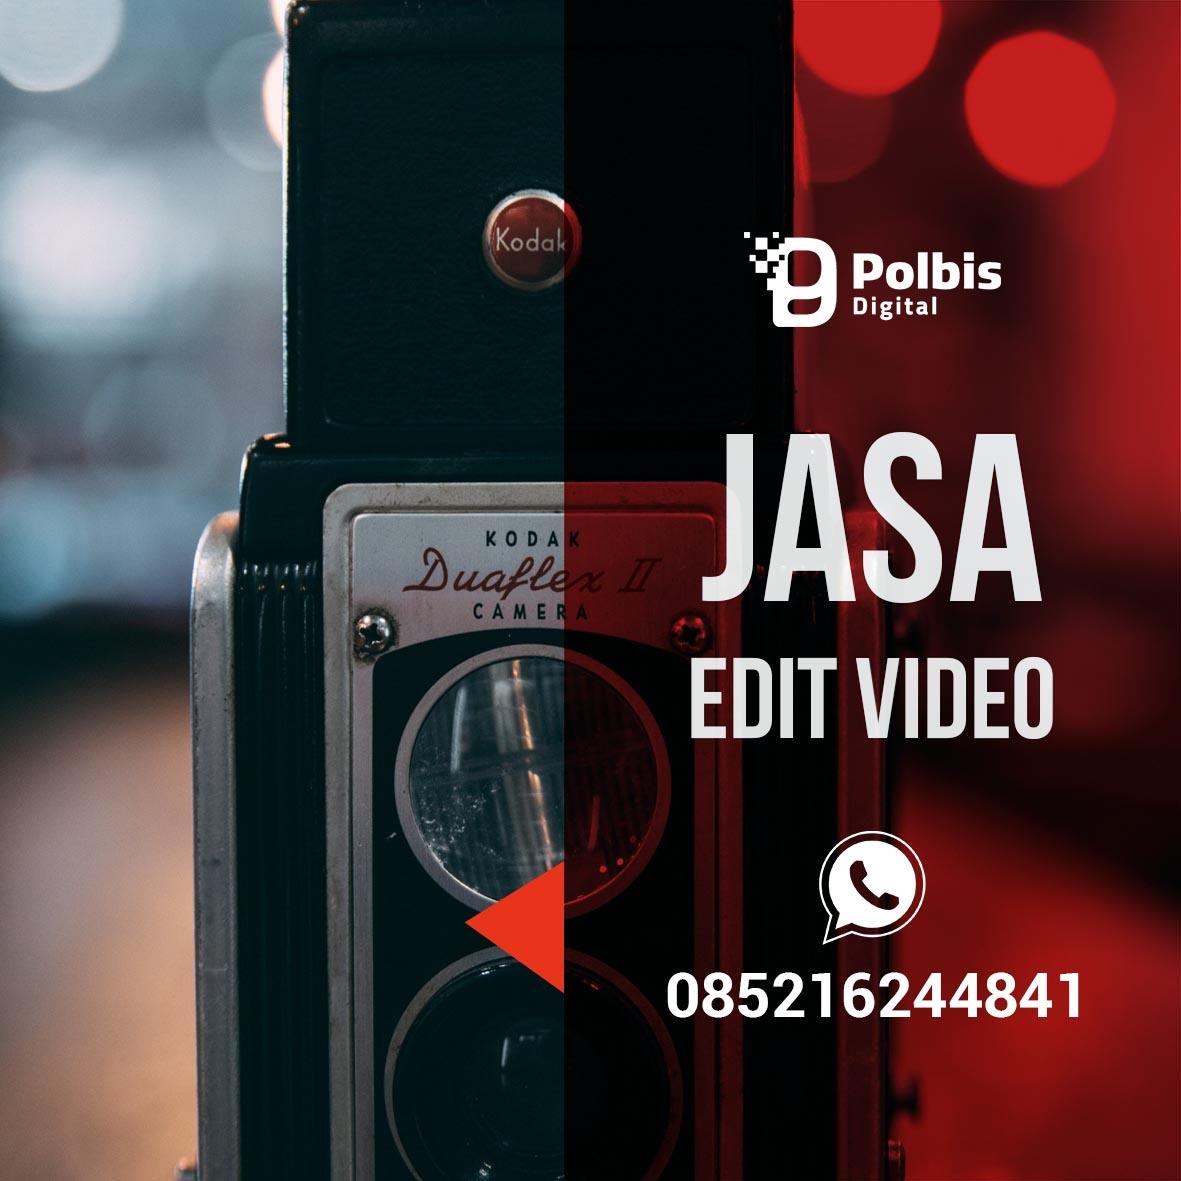 JASA EDIT VIDEO MURAH DAN BERKUALITAS DI BANDA ACEH